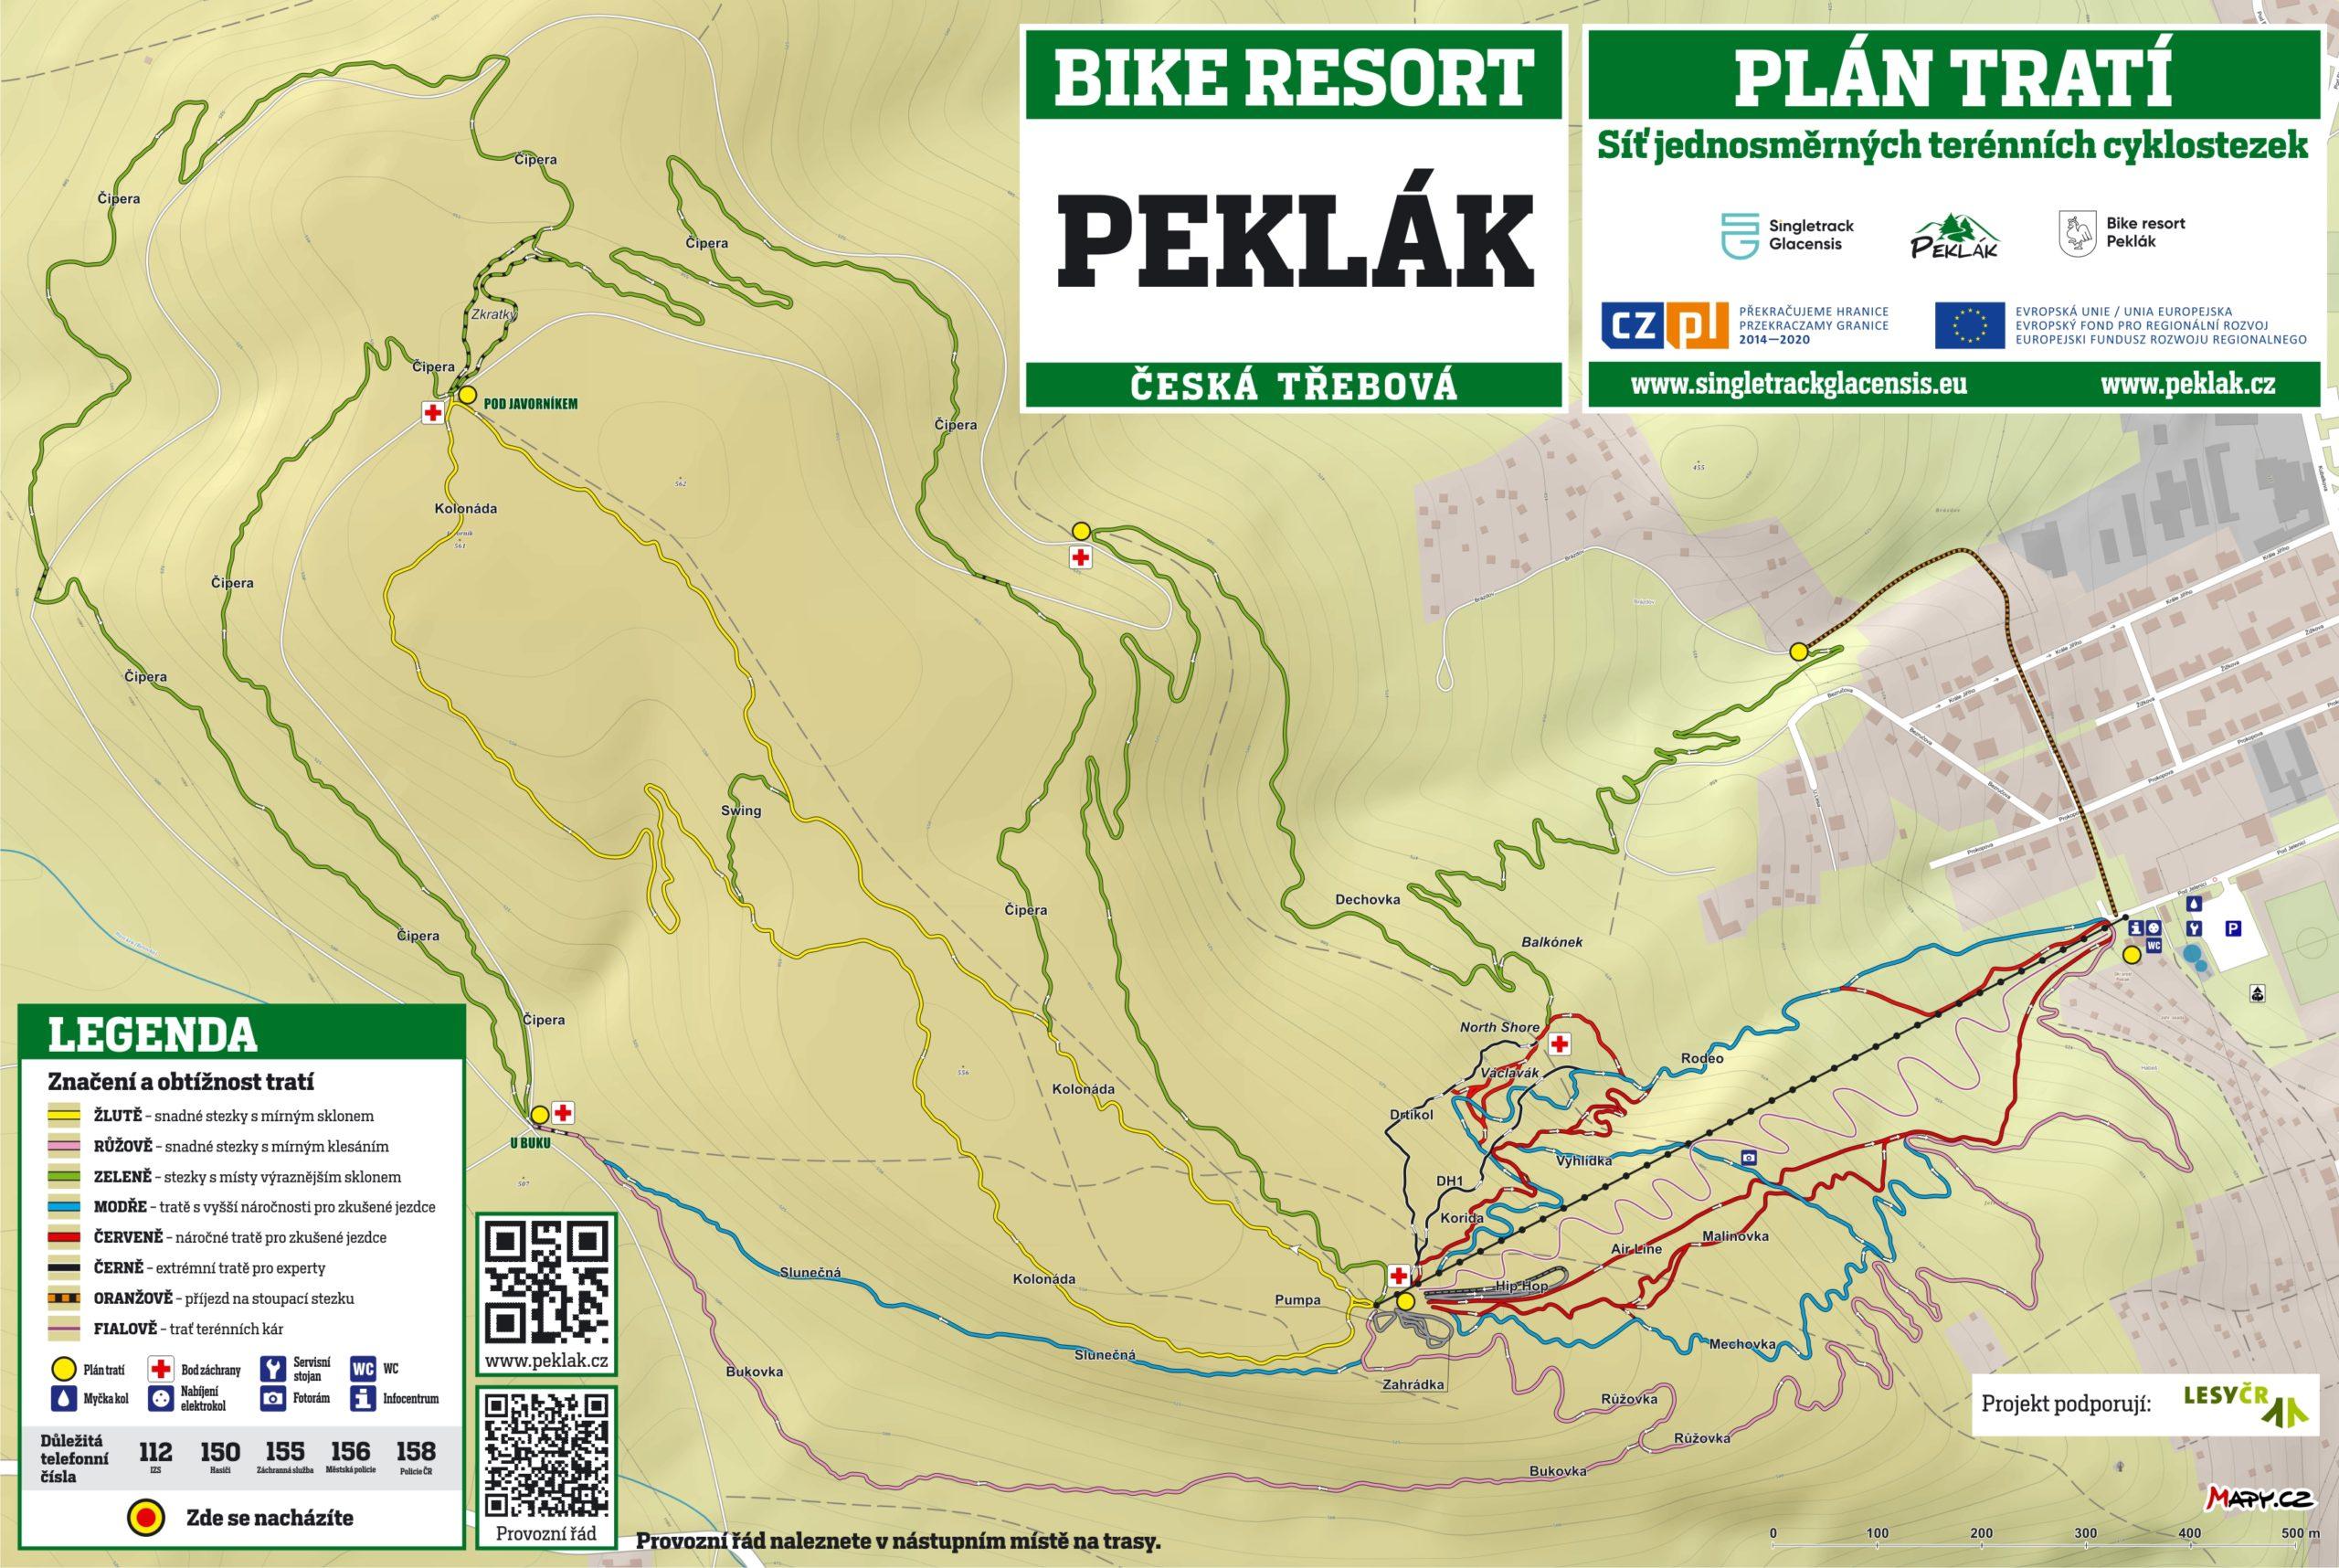 Peklak mapa trailu